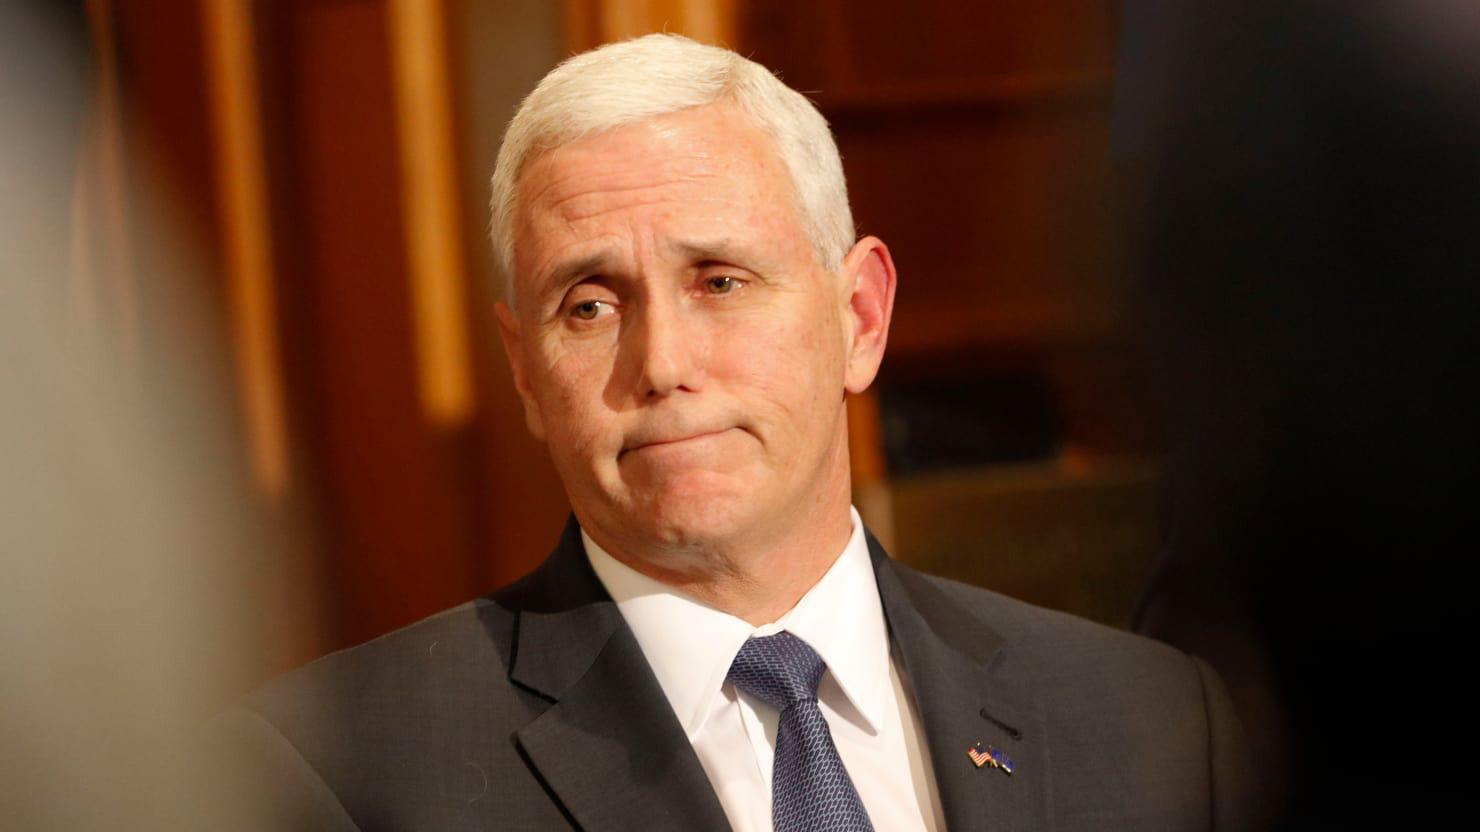 El vicepresidente Mike Pence aseguró que la Casa Blanca seguirá aislando a Pyongyang